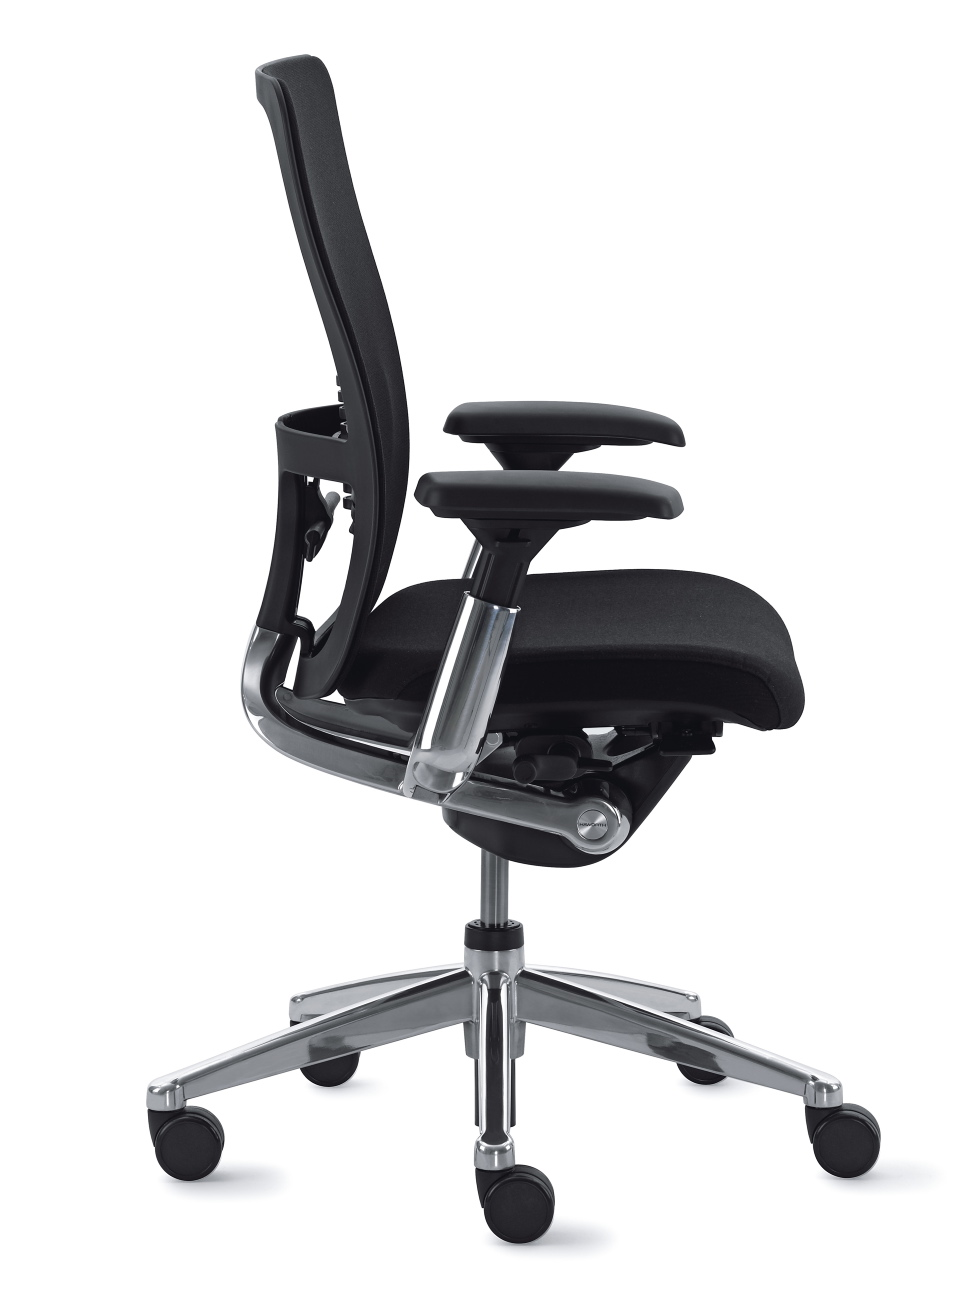 Siège de travail ergonomique avec assise rembourrée noire Zody par Haworth (profil)